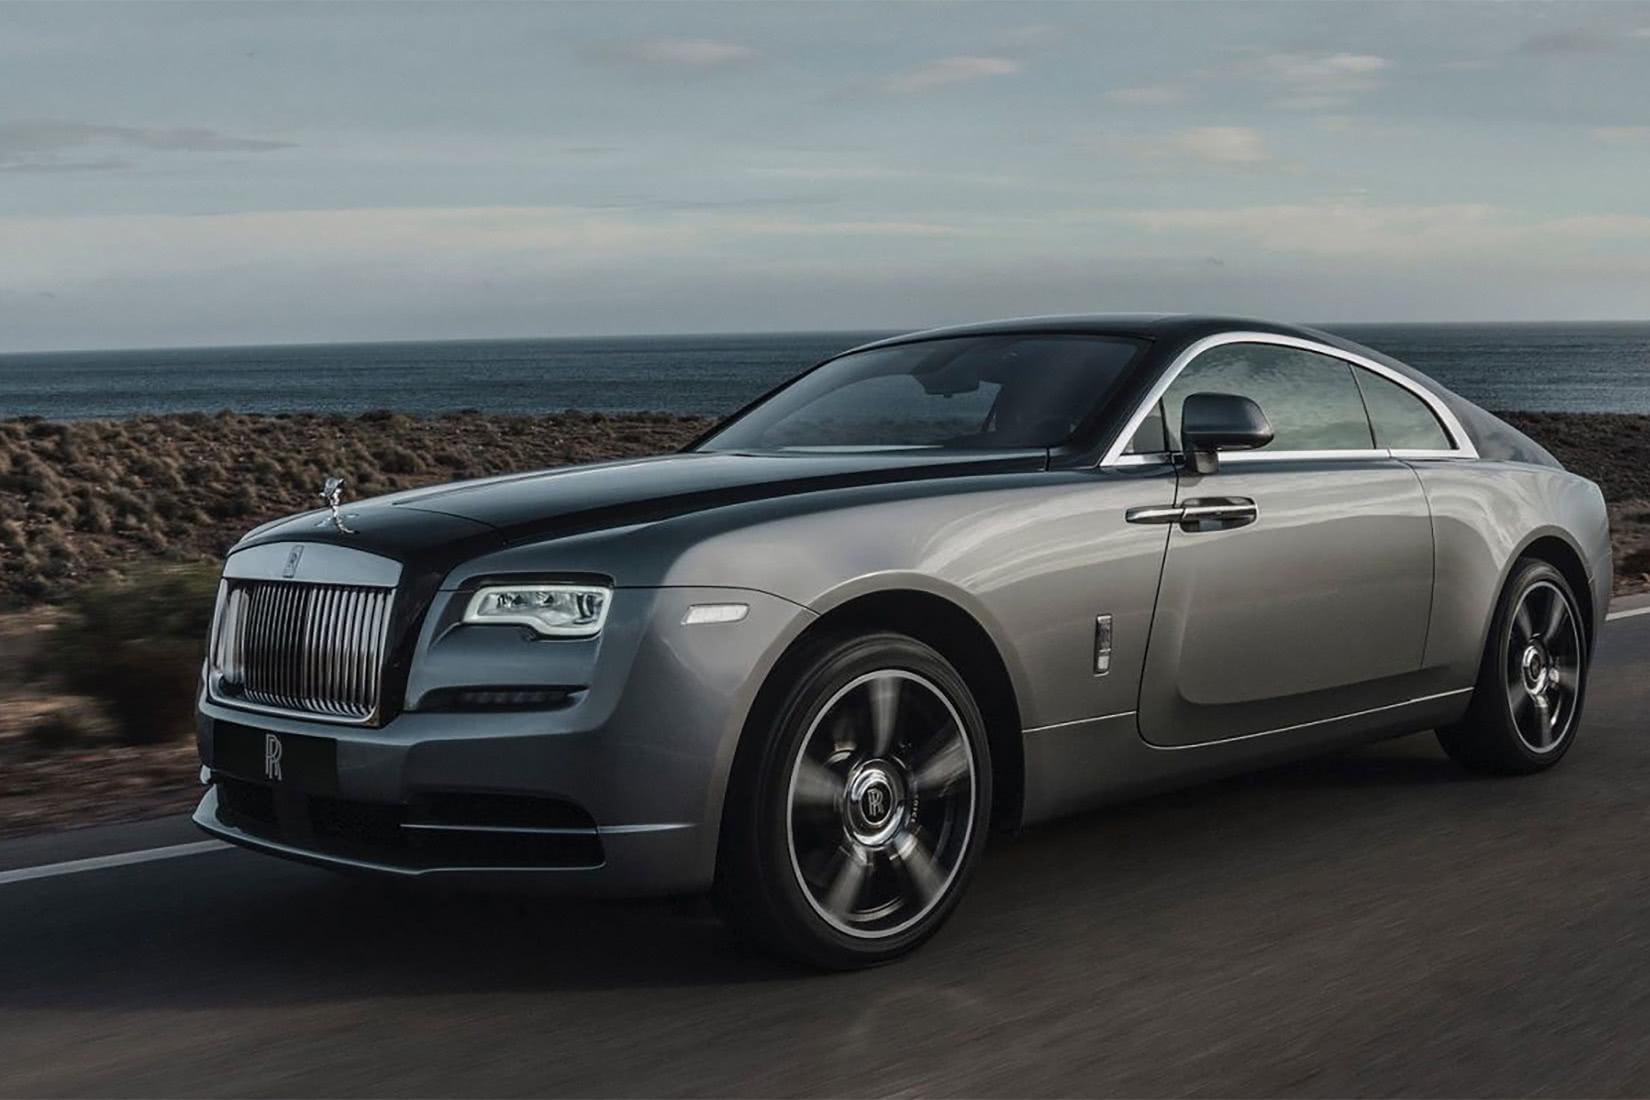 best luxury car brand Rolls-Royce - Luxe Digital